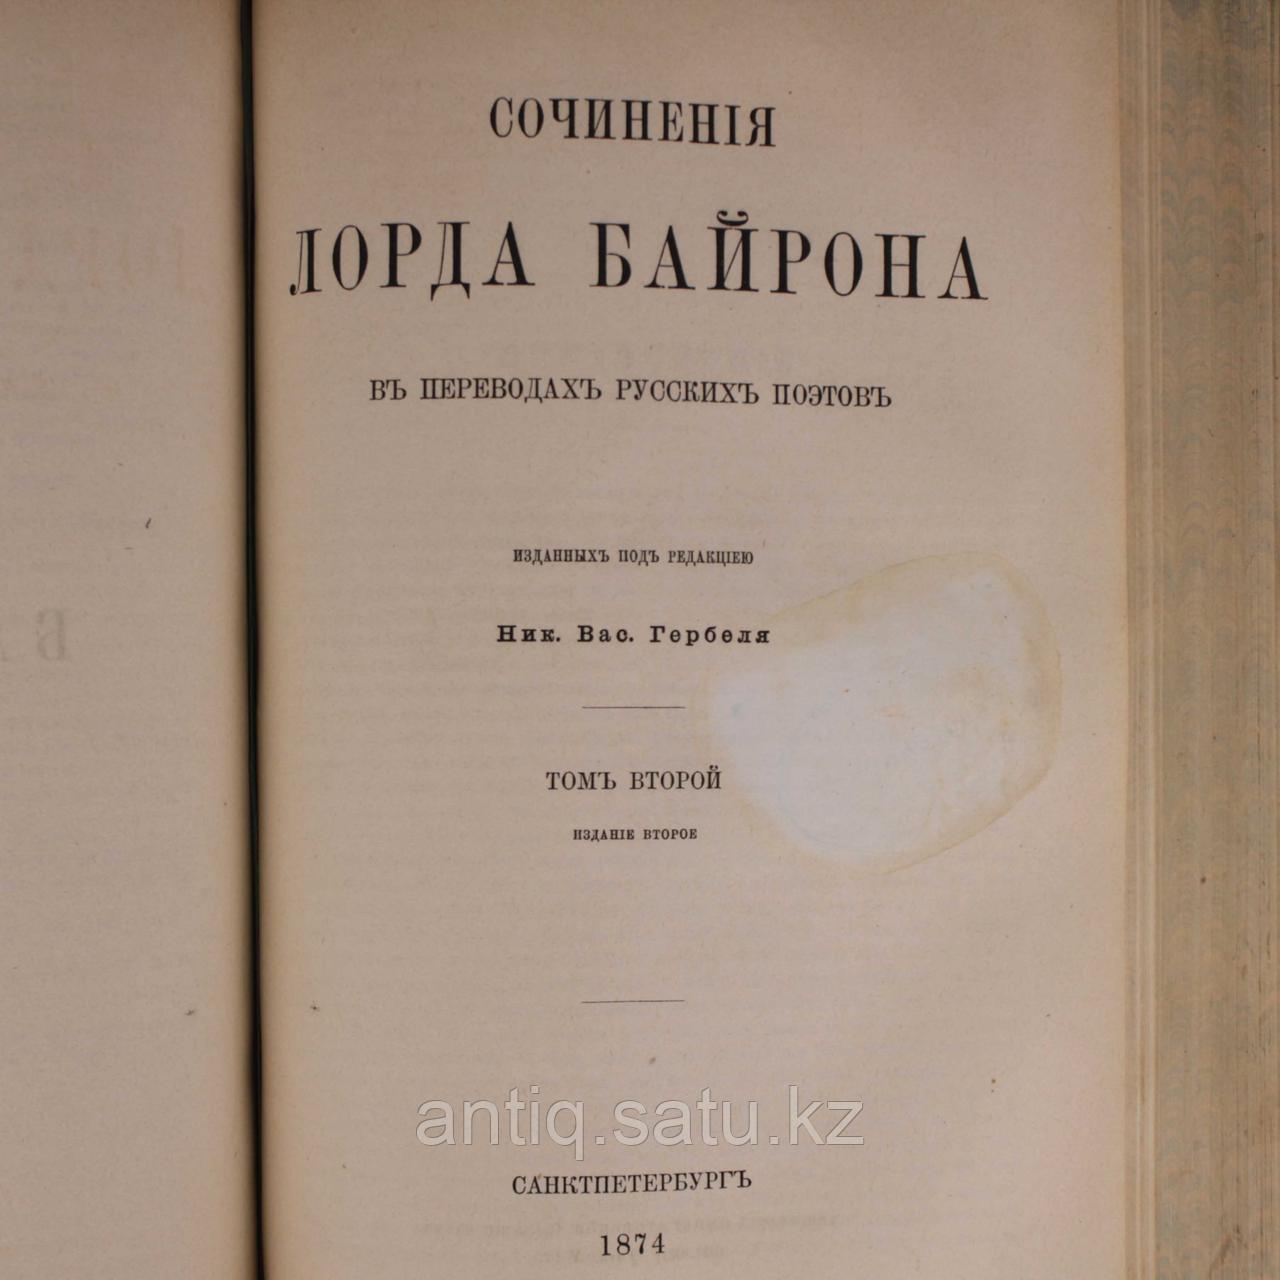 Сочинения Лорда Байрона. 4 тома. В подарочном кейсе - фото 5